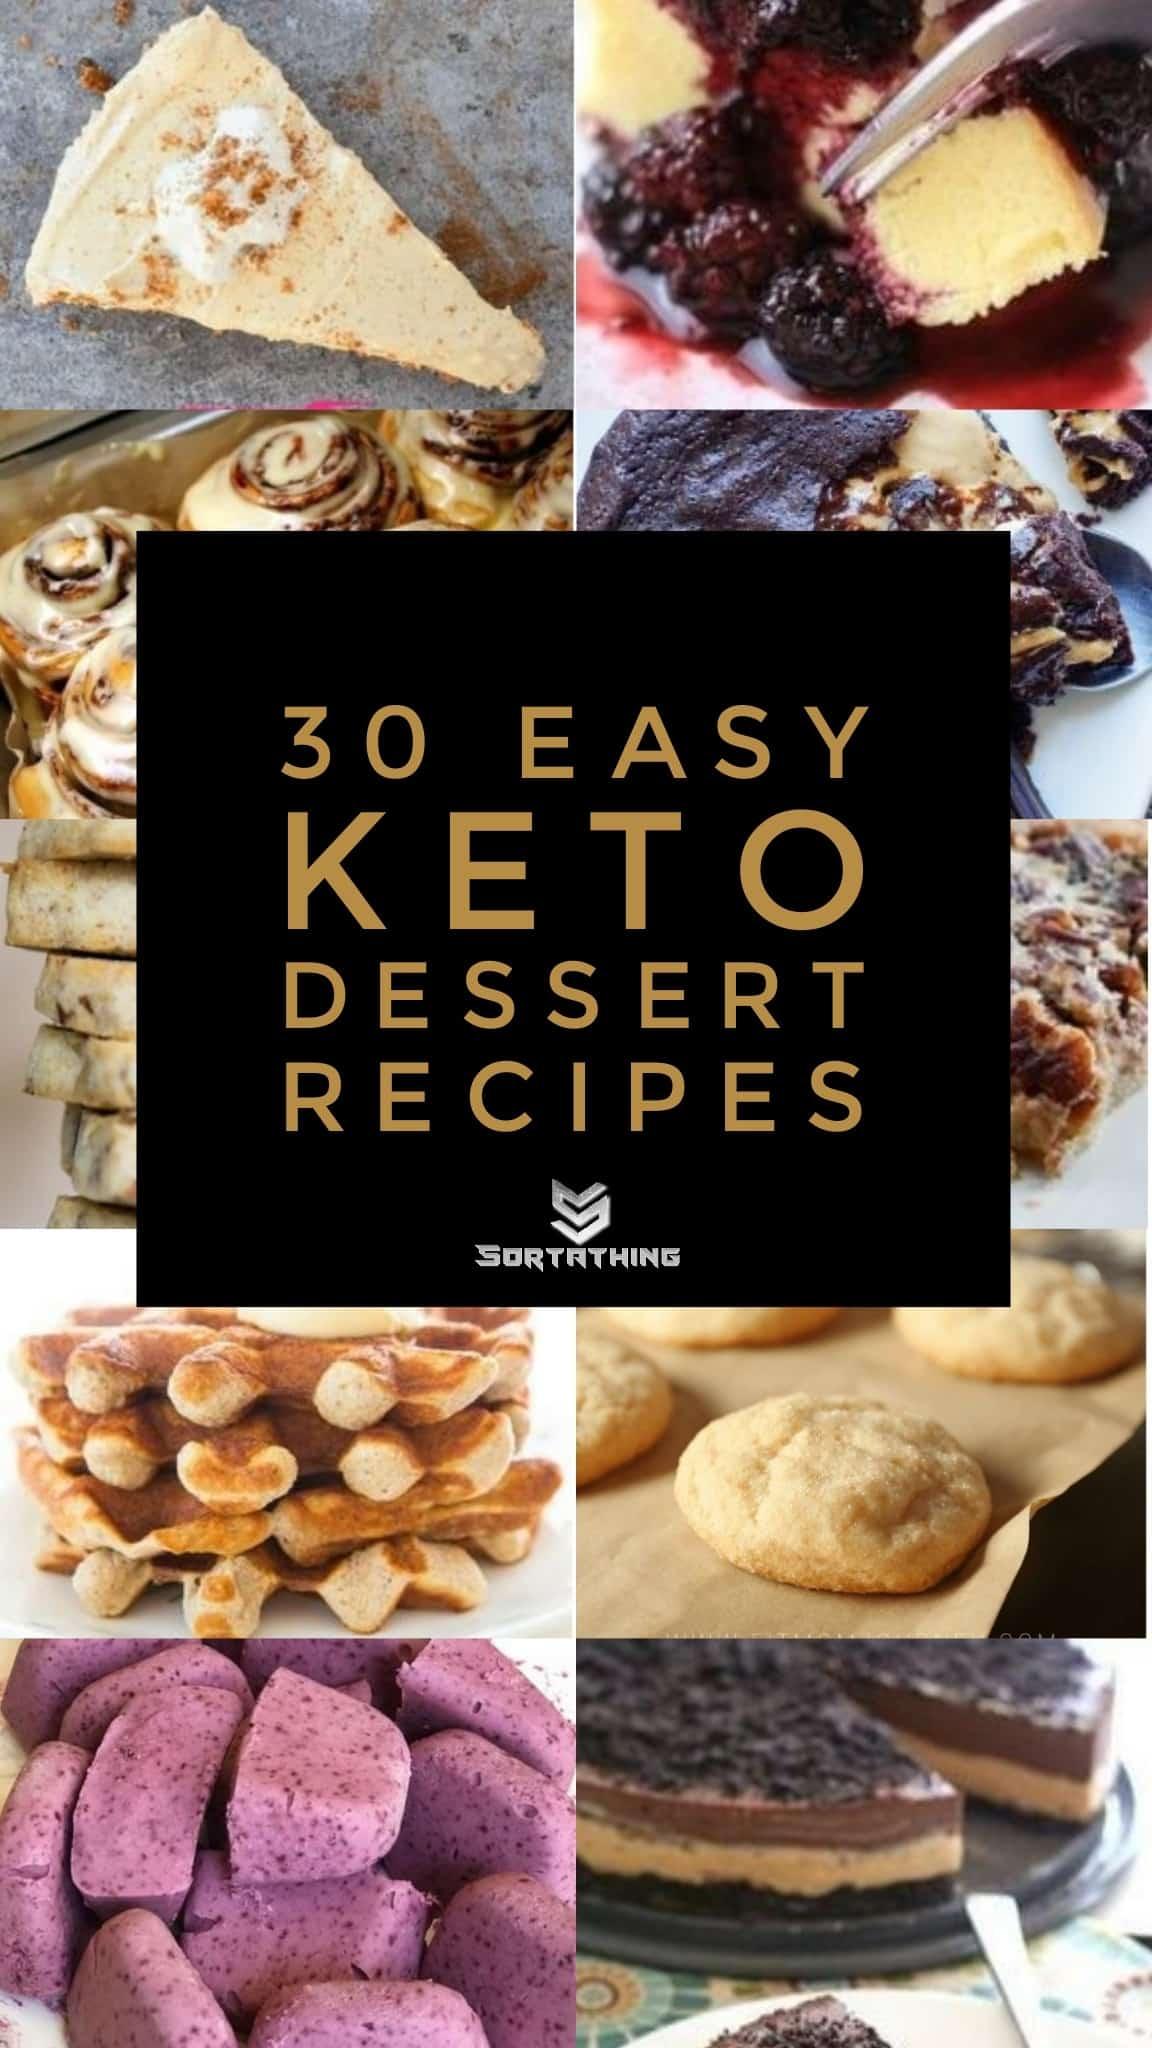 30 Easy Keto Dessert Recipes